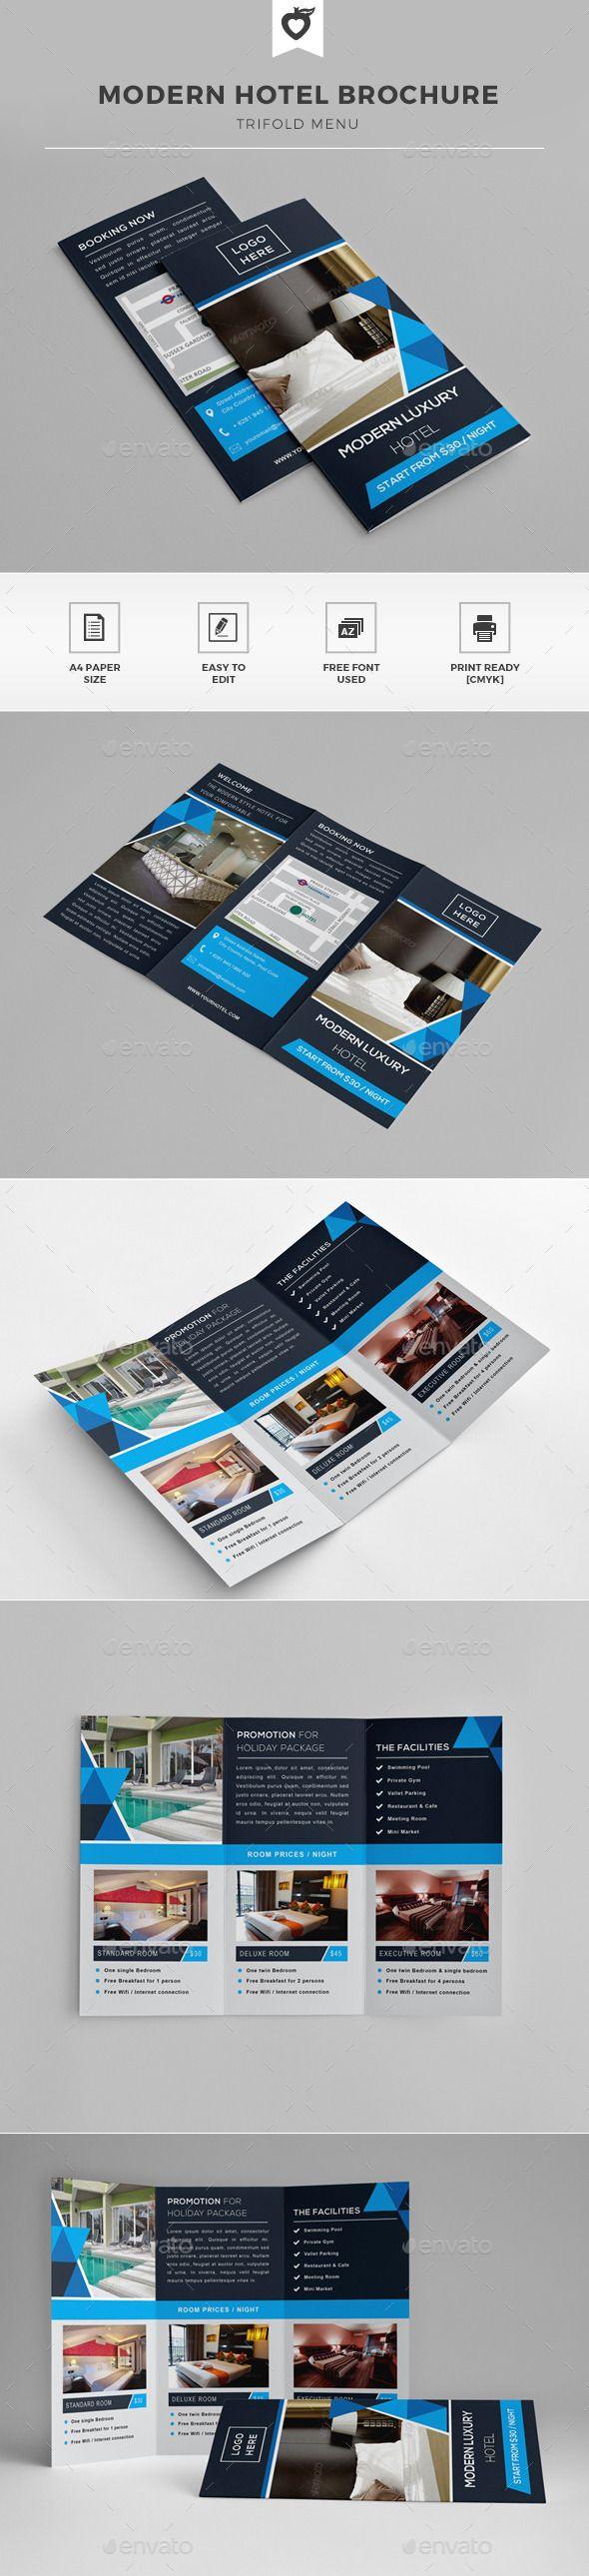 Ausgezeichnet Pull Tab Flyer Vorlage Ideen - Entry Level Resume ...